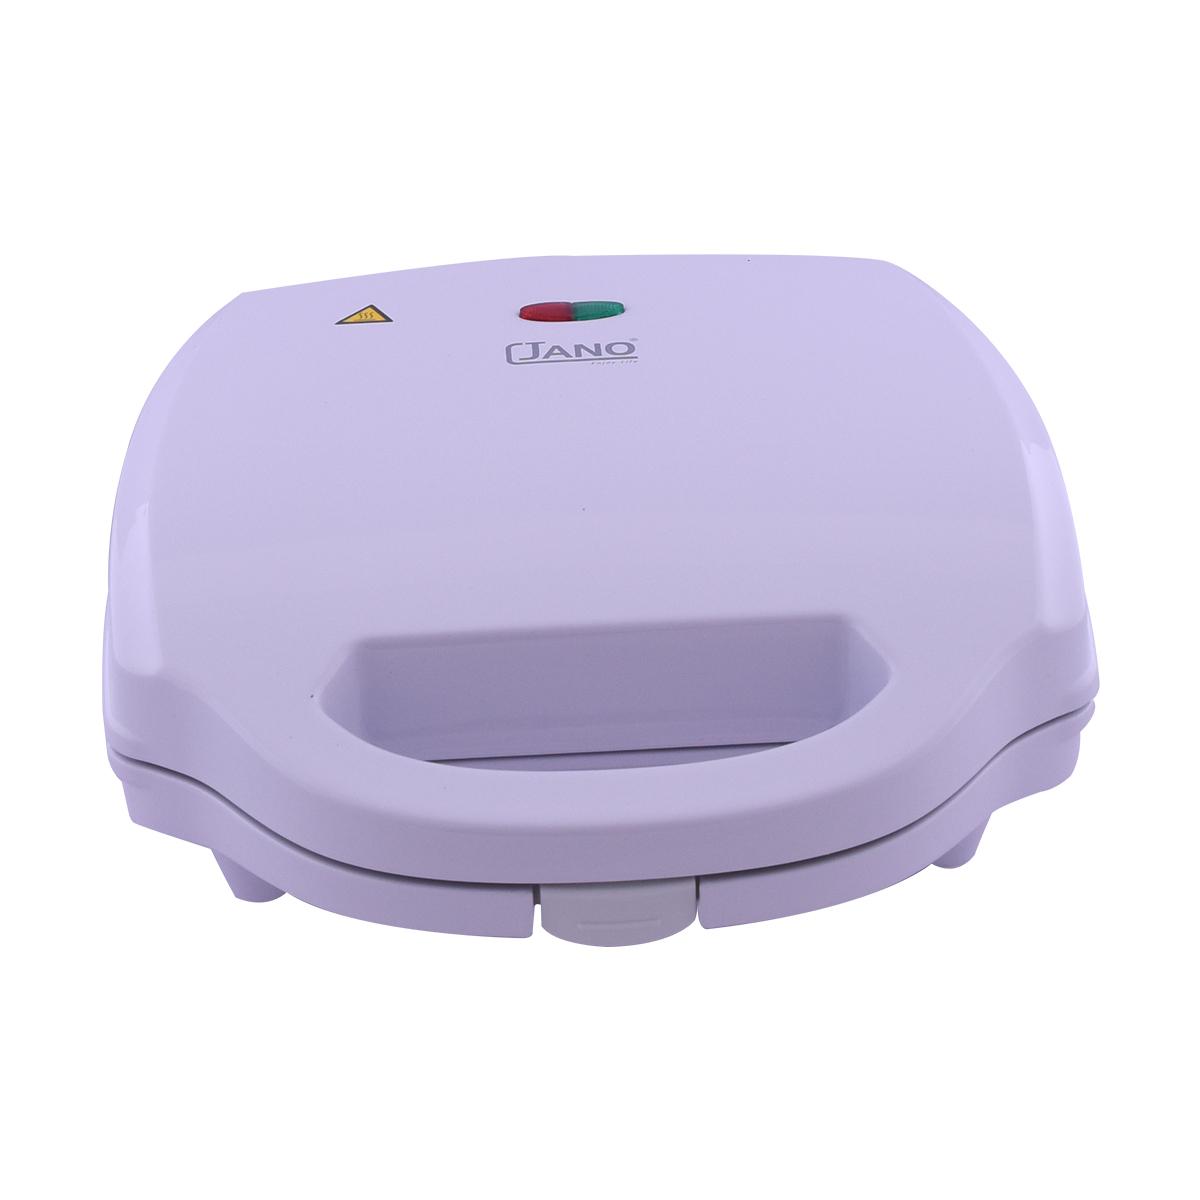 صانعة وافل كهربائية جانو - 900واط - JN1366